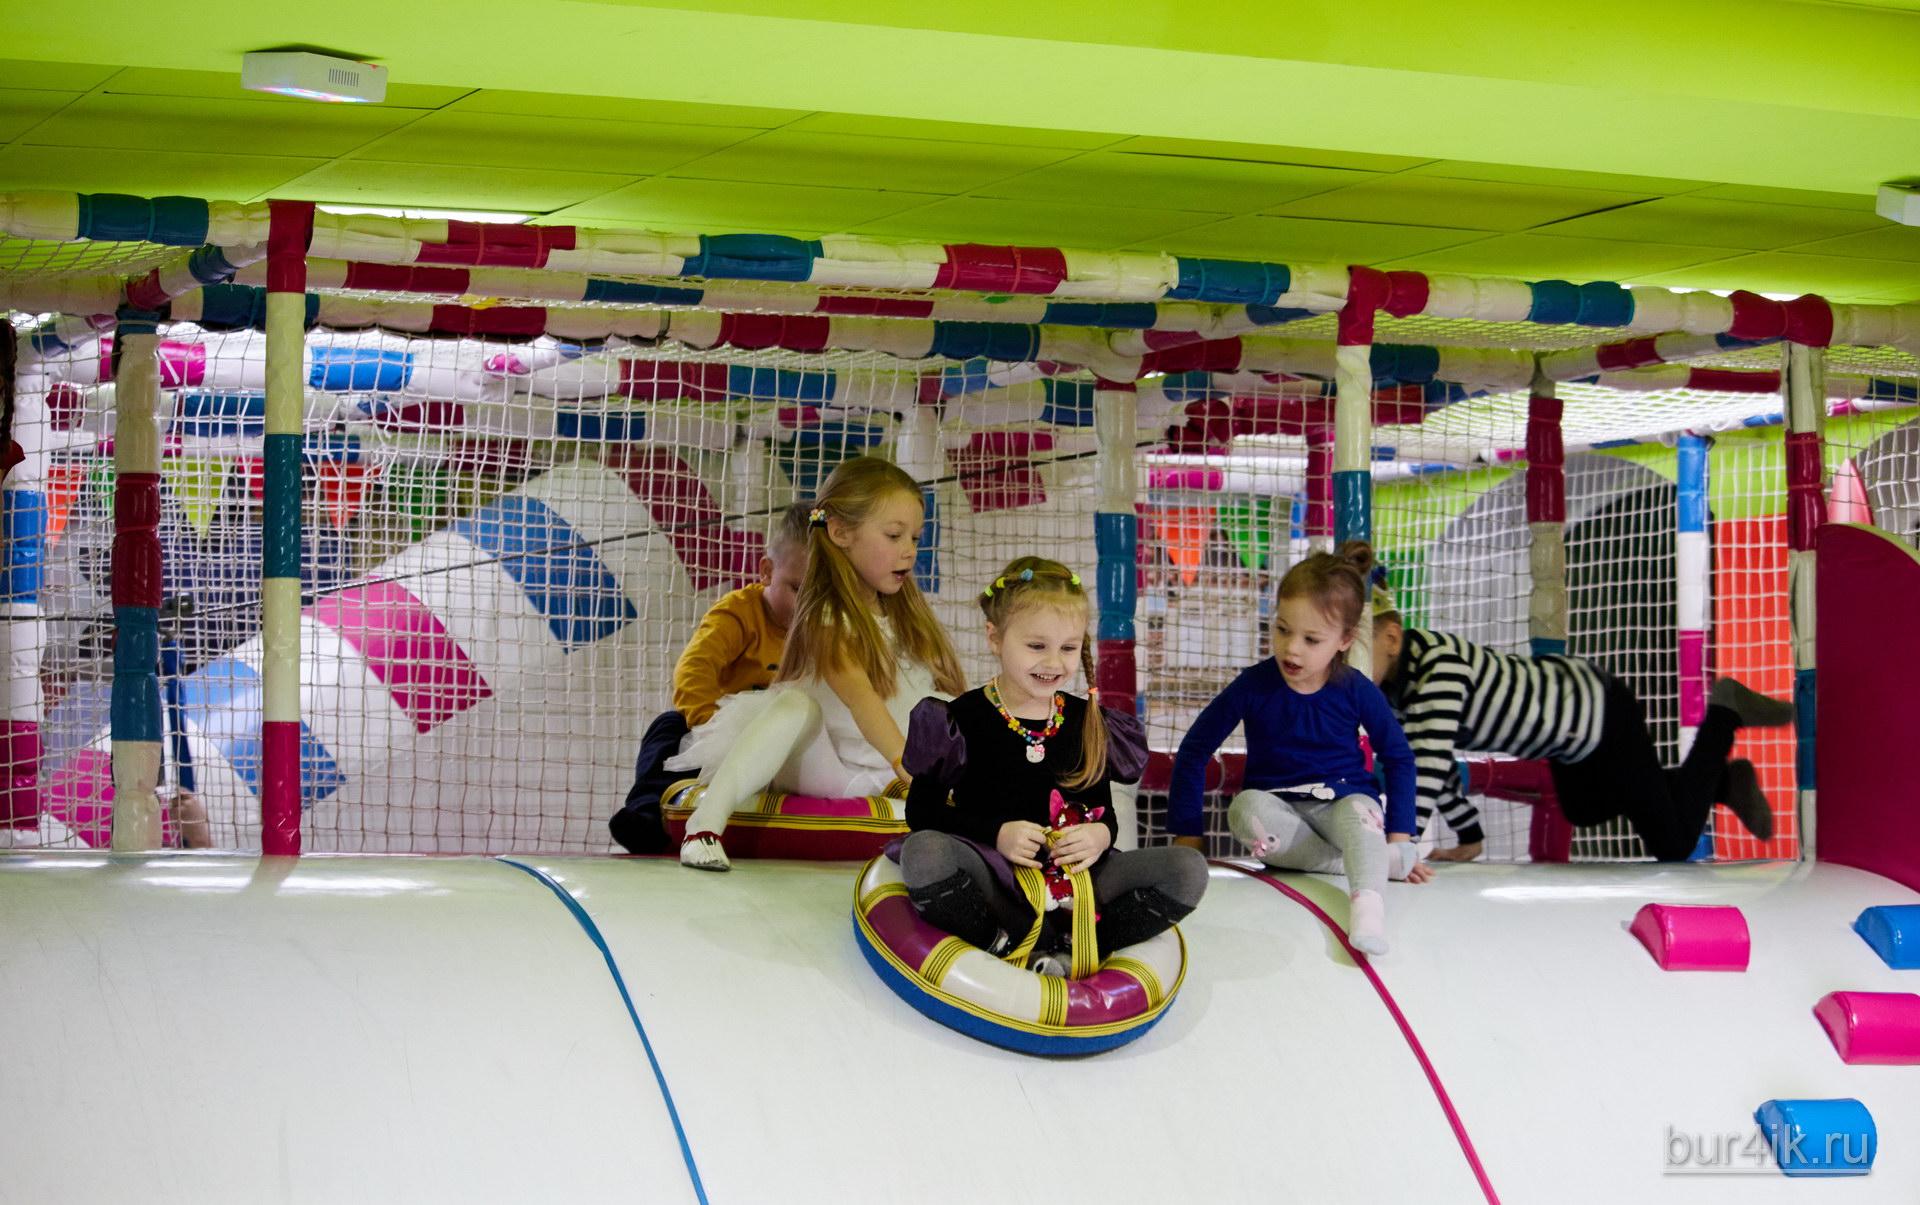 Фото Детское День Рождения в Детский Дворик 15.01.2020 №280 -photo- bur4ik.ru